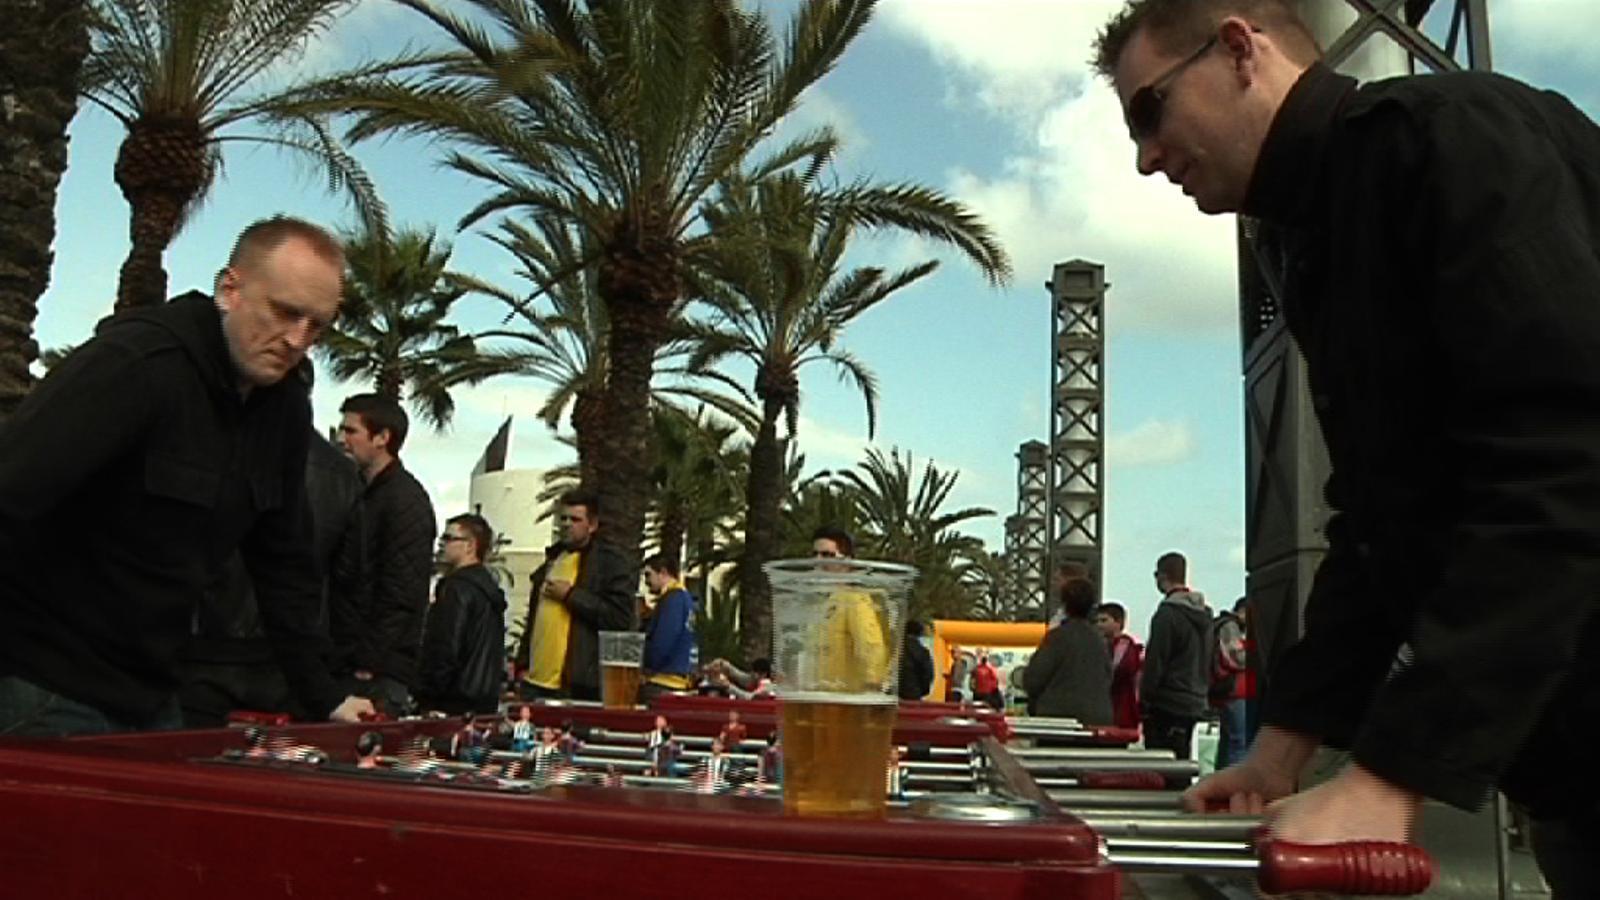 Els seguidors de l'Arsenal, eufòrics a Barcelona